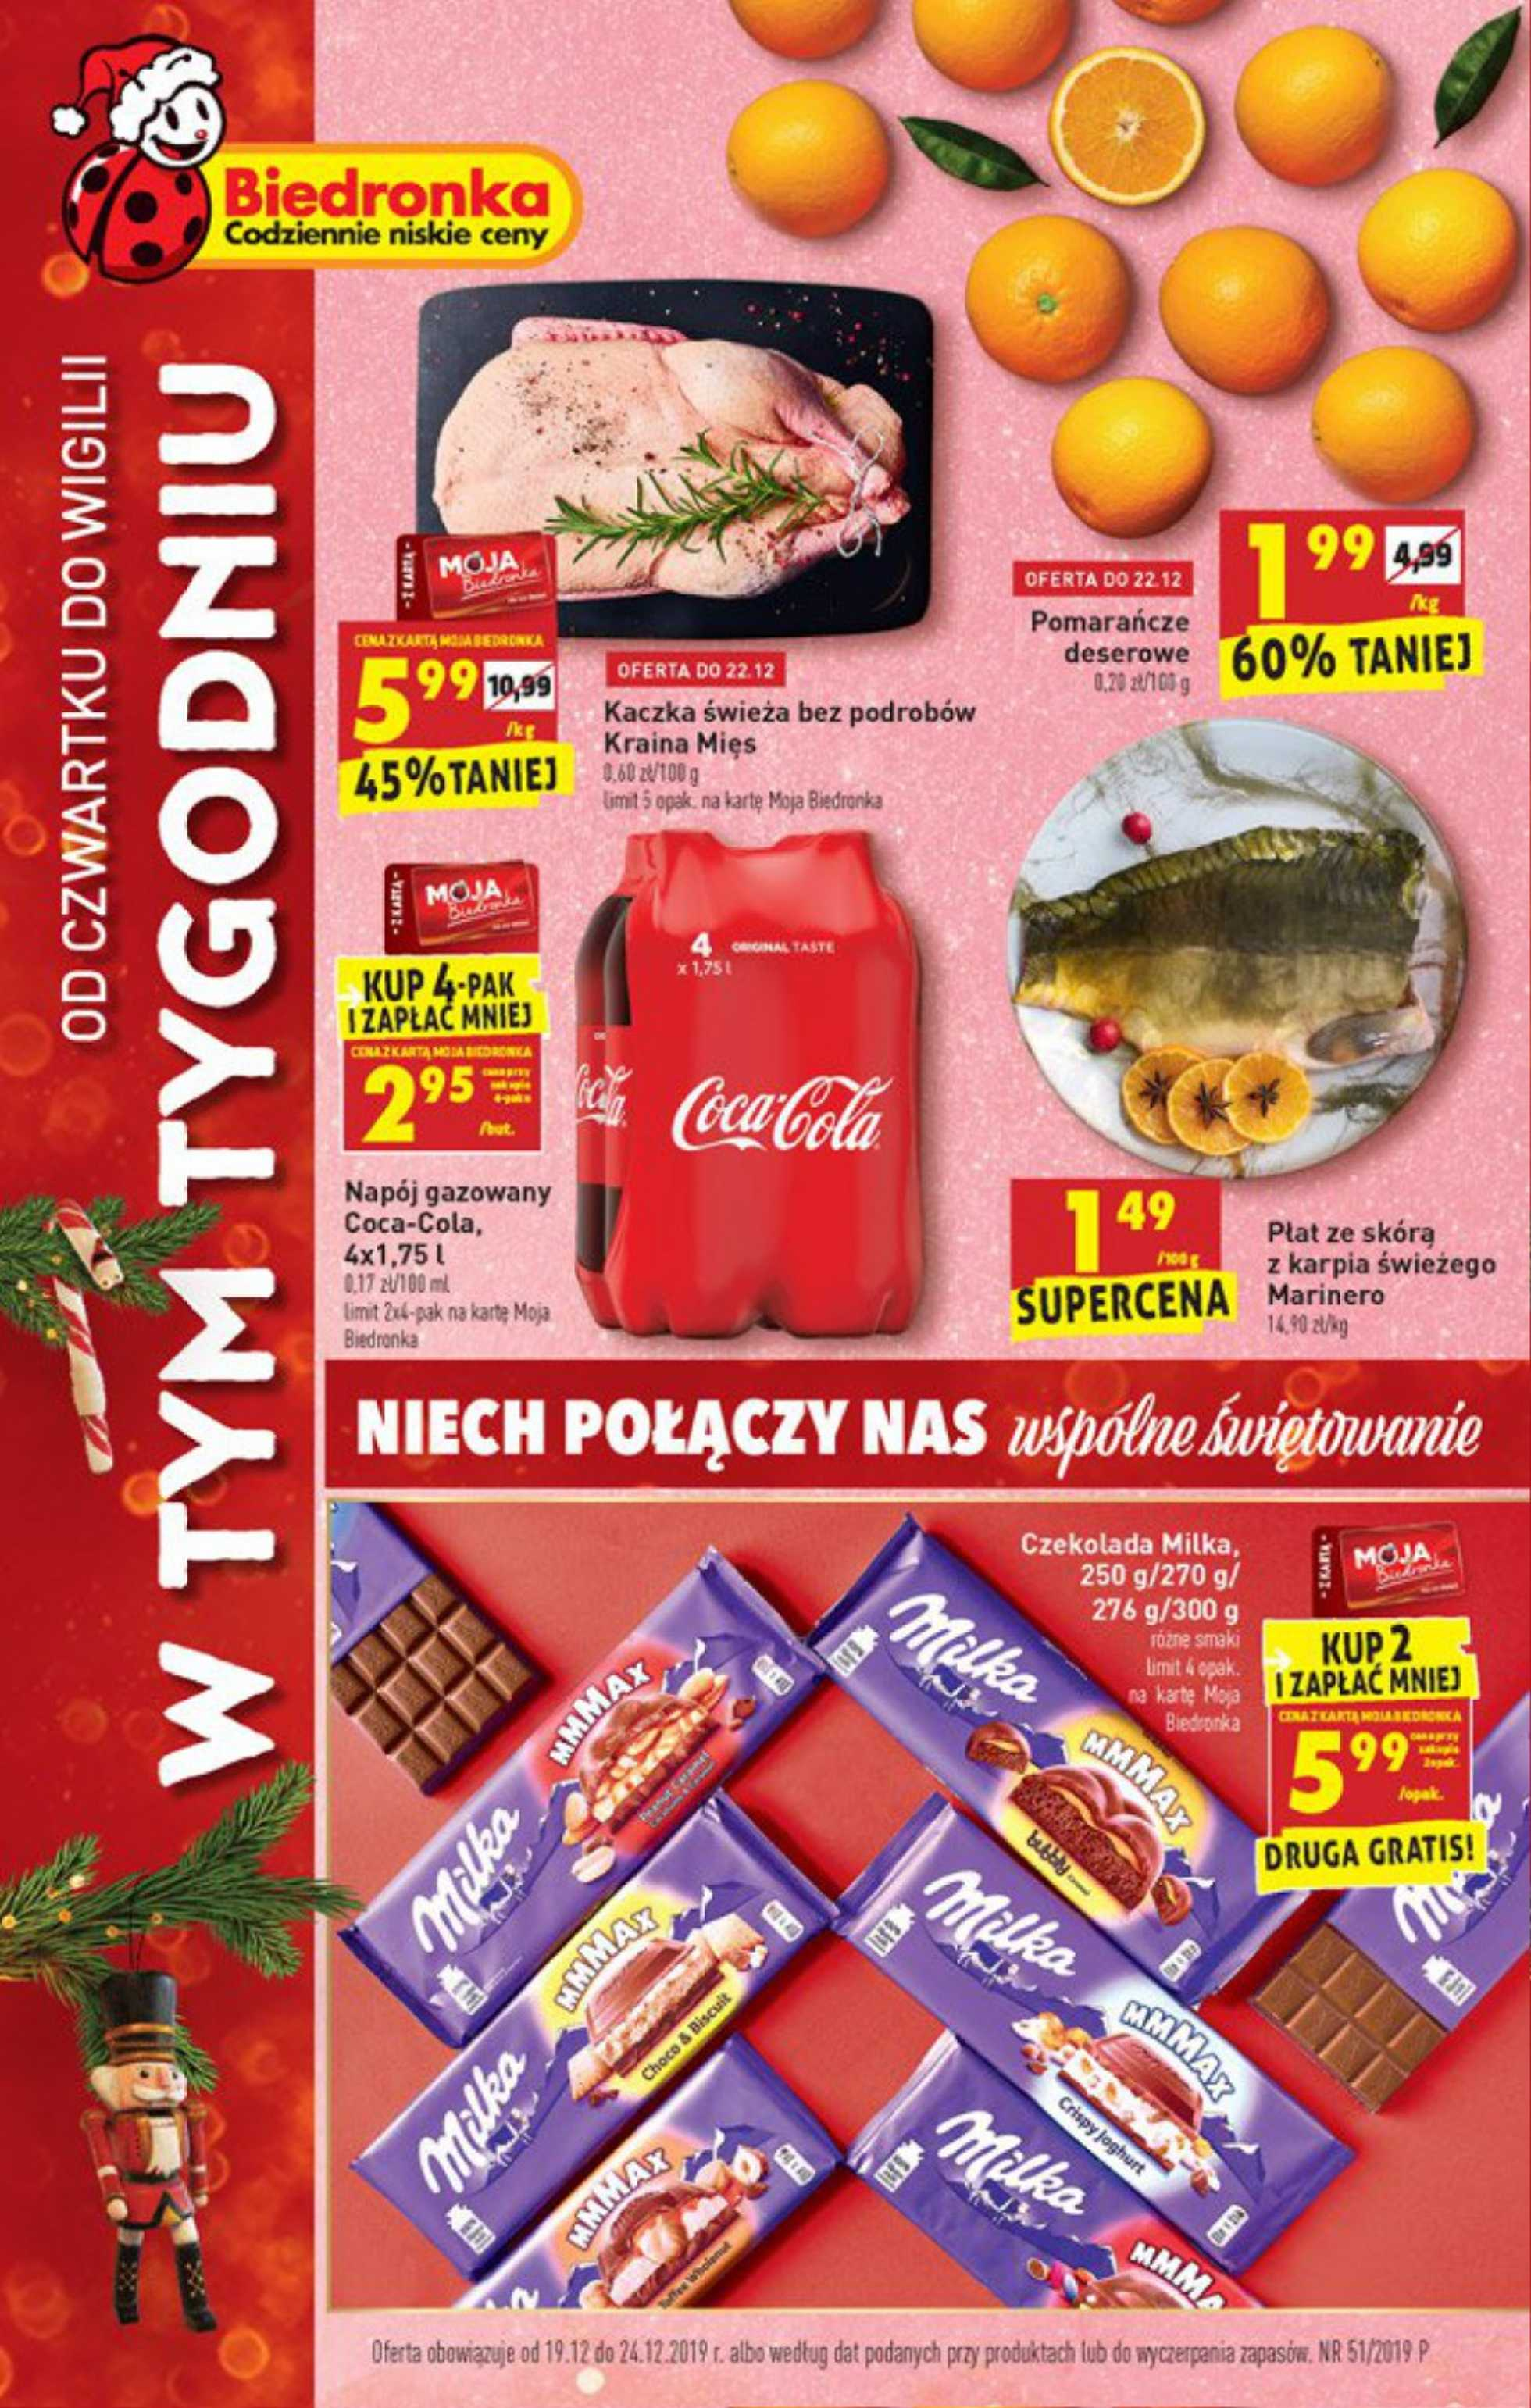 Biedronka - gazetka promocyjna ważna od 19.12.2019 do 24.12.2019 - strona 1.